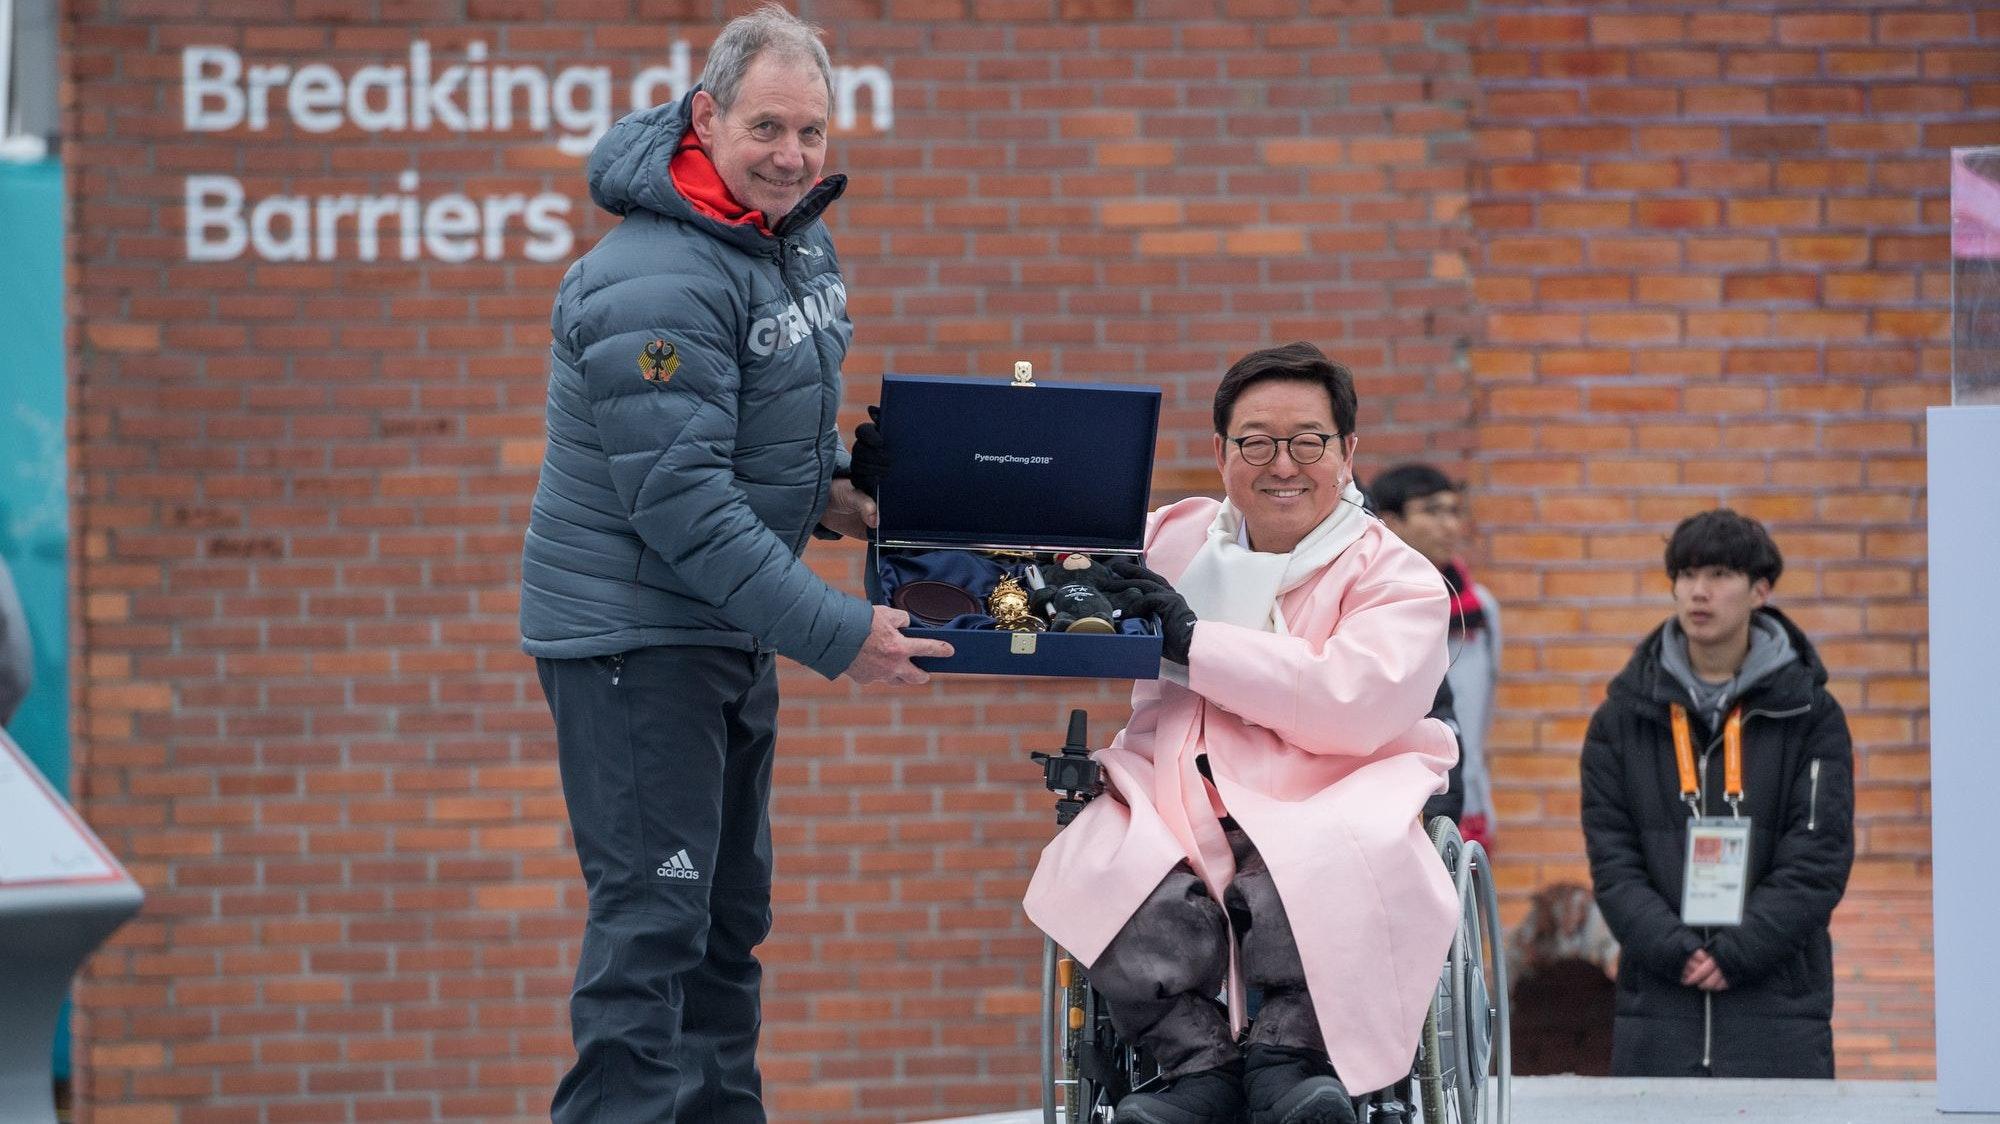 In paralympischer Mission: Karl Quade (links) am 6. März 2018 bei der Willkommens-Zeremonie mit den Gastgebern der Winterspiele in Pyeongchang/Südkorea. Foto: Oliver Kremer/DBS